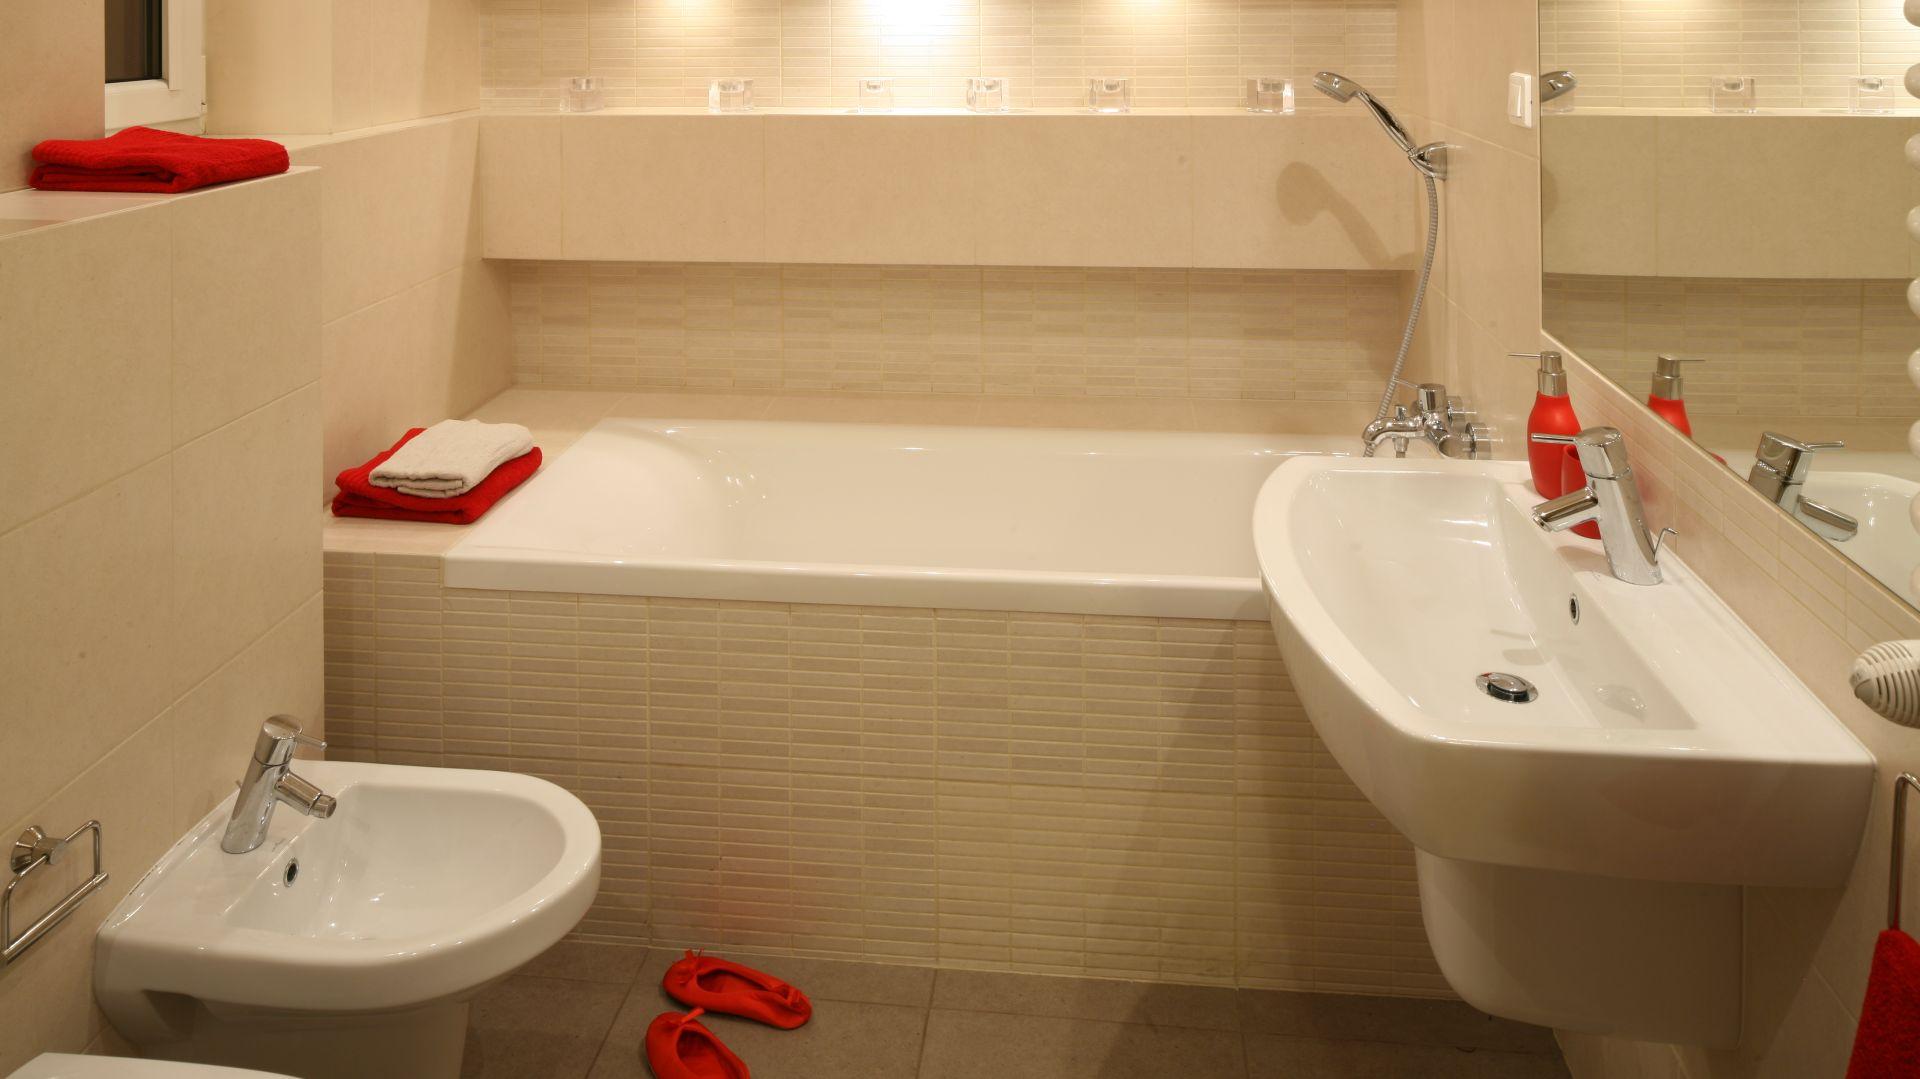 Po remoncie całego mieszkania łazienka zyskała wyrazisty charakter, mimo że aranżacja ma jednak styl zaprojektowany na lata. Klimat wnętrza można odmienić dzięki kolorowym dodatkom. Proj. właściciele. Fot. Bartosz Jarosz